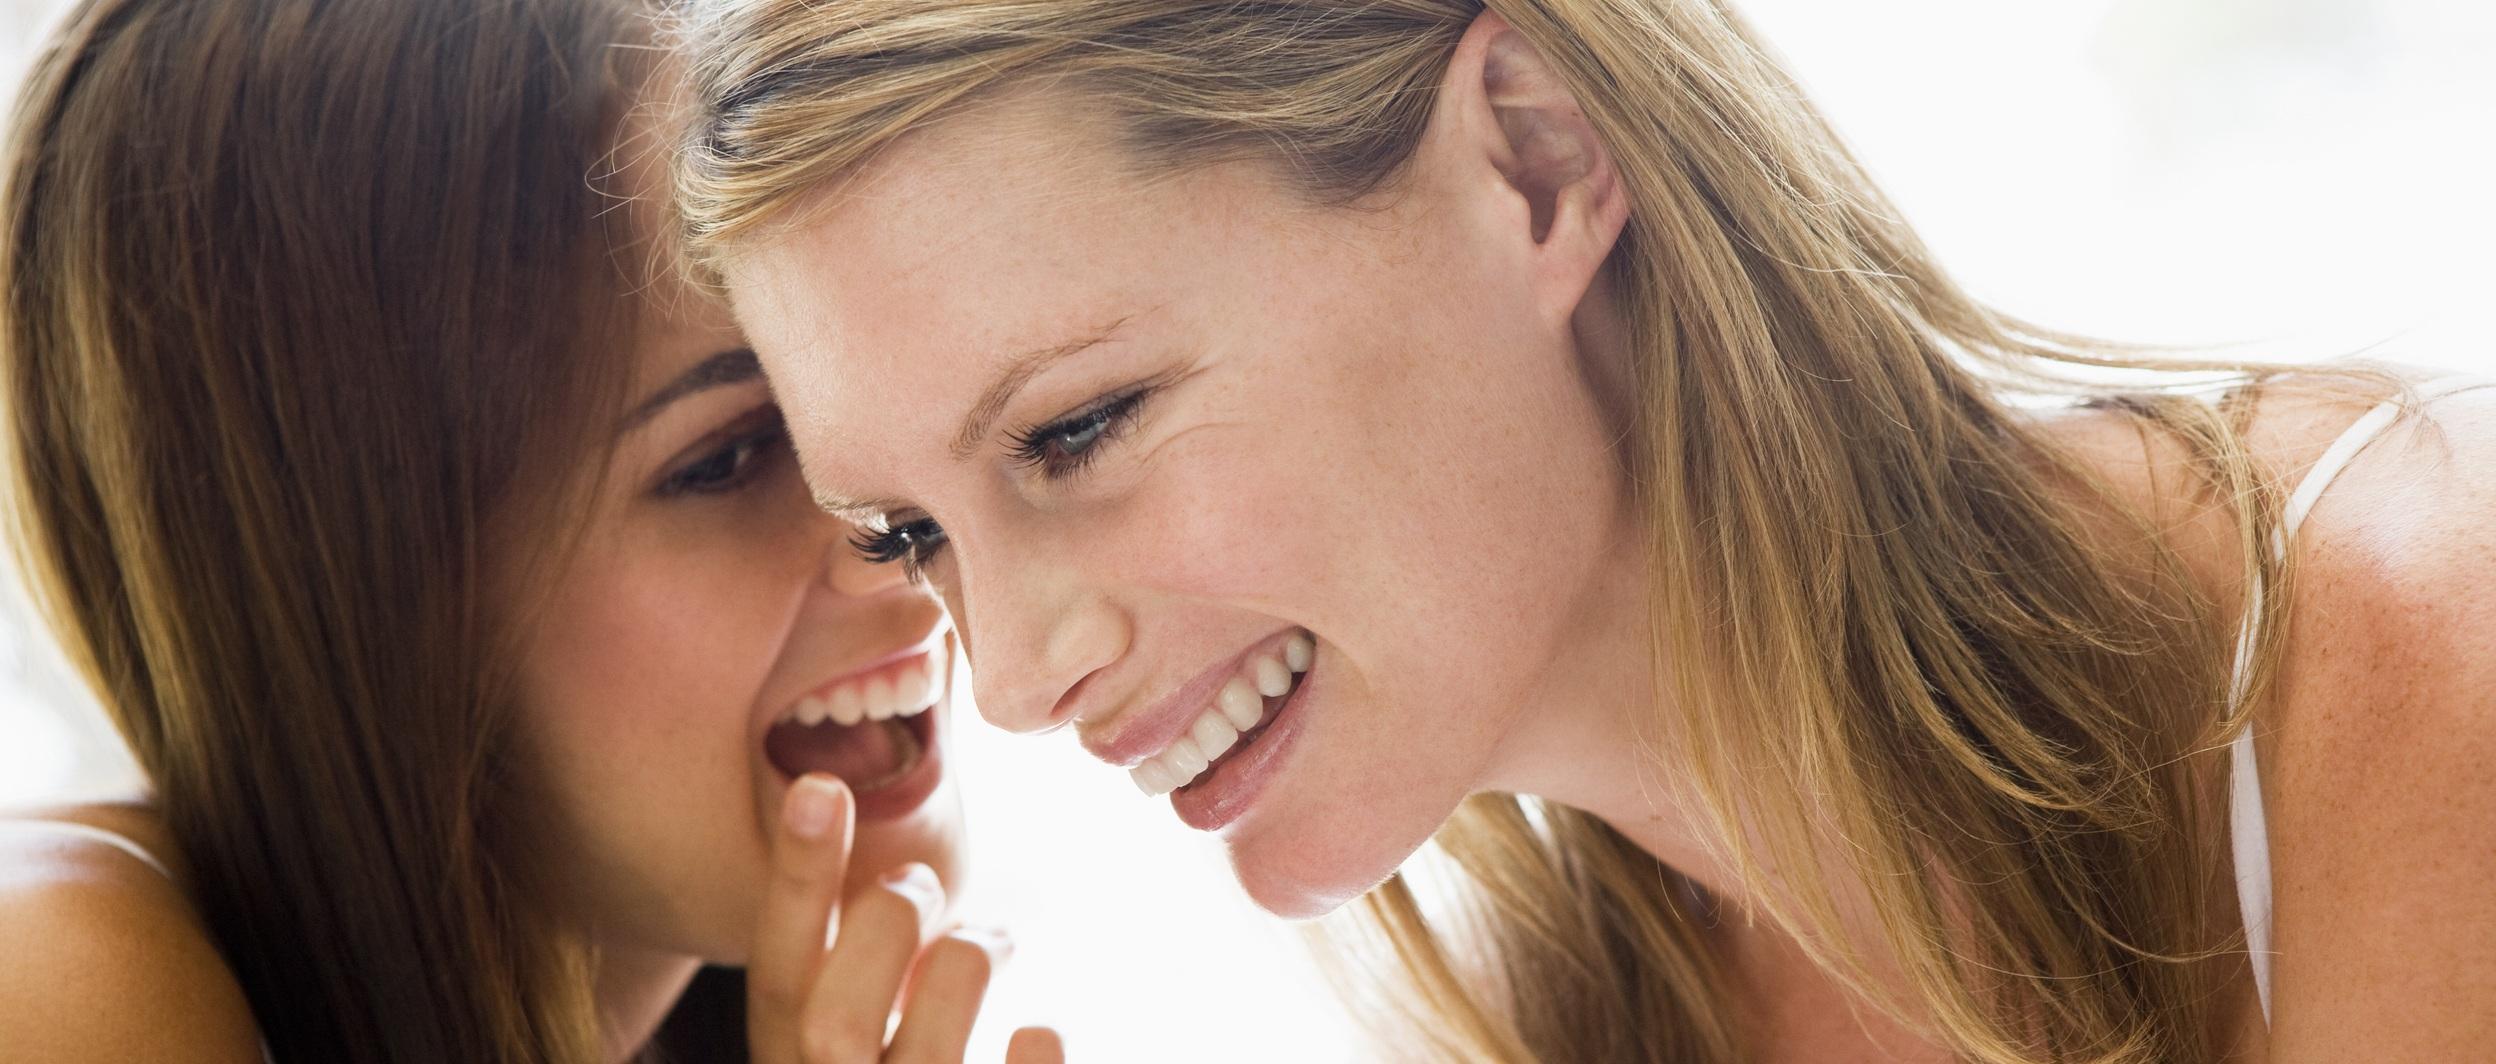 Manter segredos pode afetar a saúde